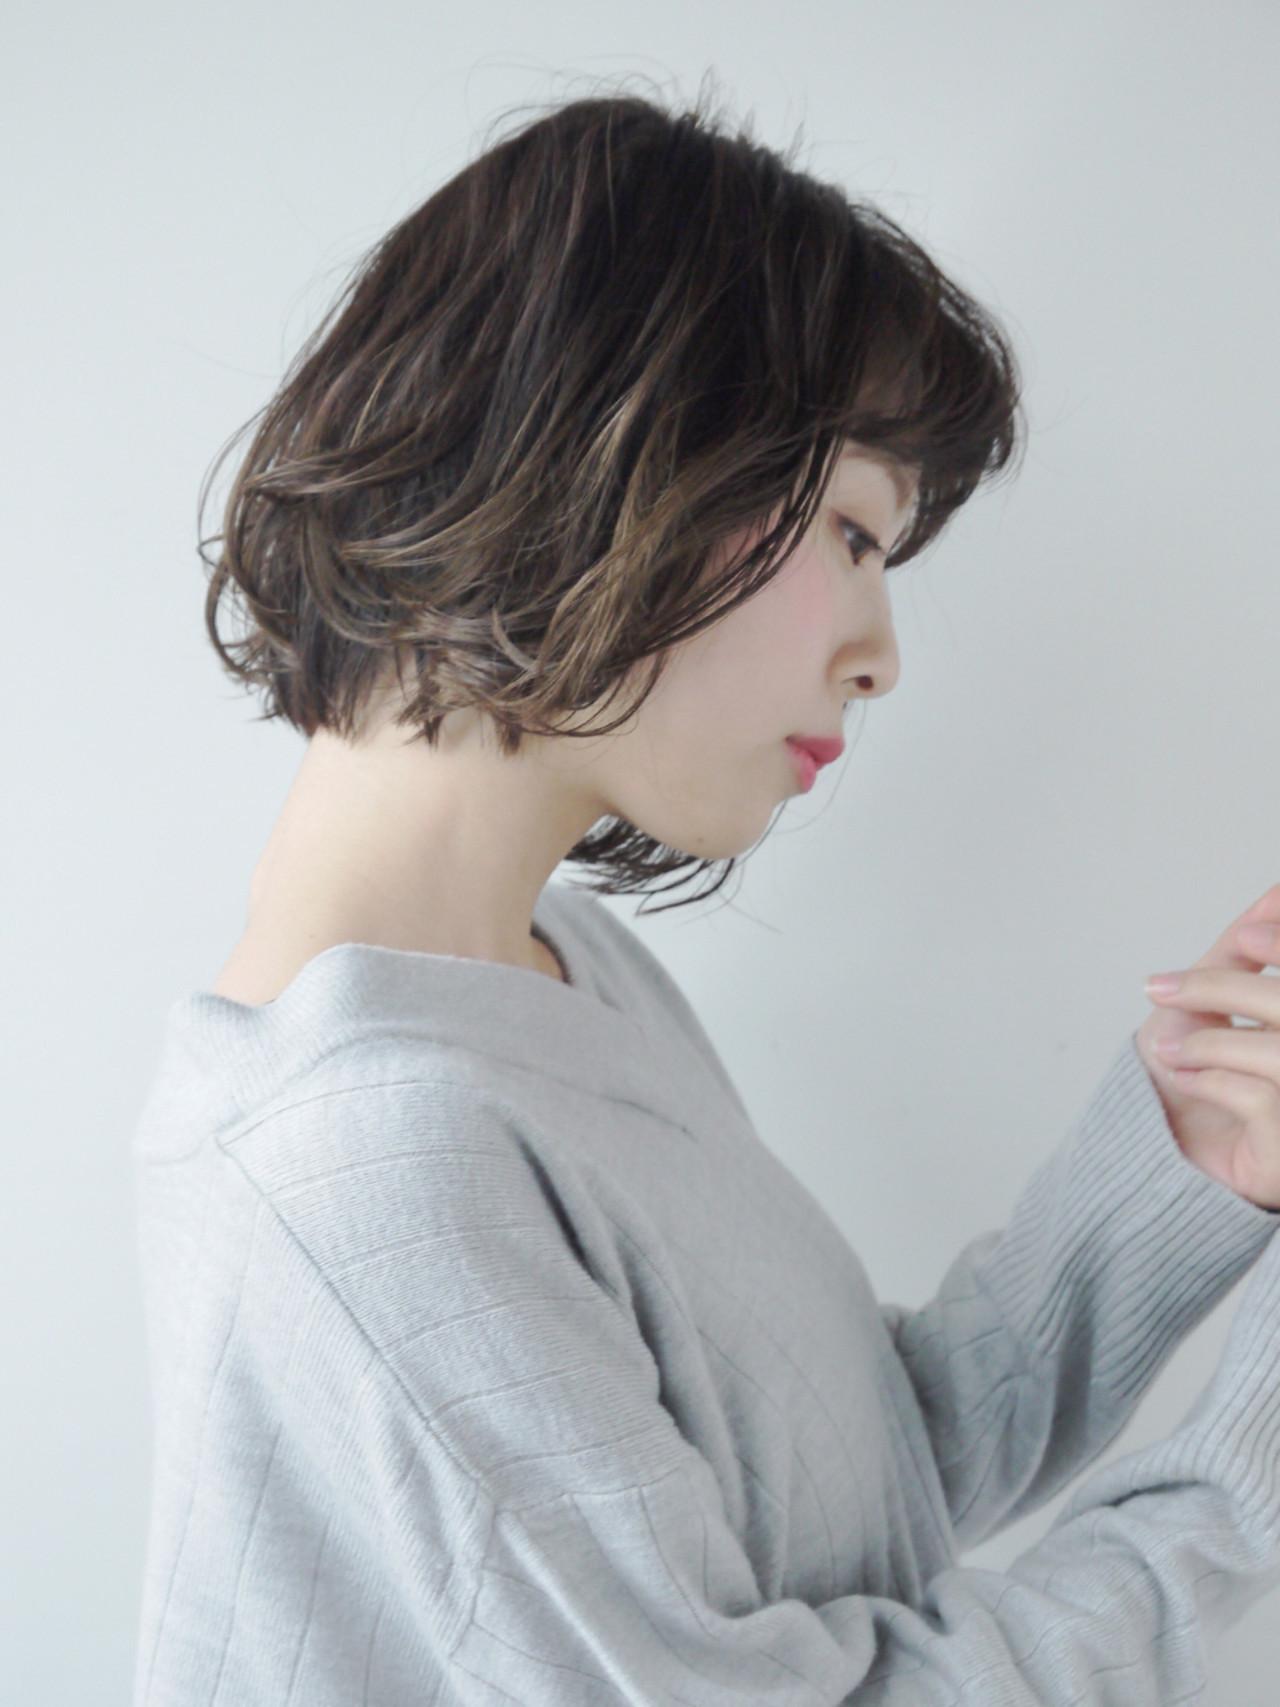 【ボブ】アンニュイなこなれボブ♡ Hiroki Sakuma【morio原宿】